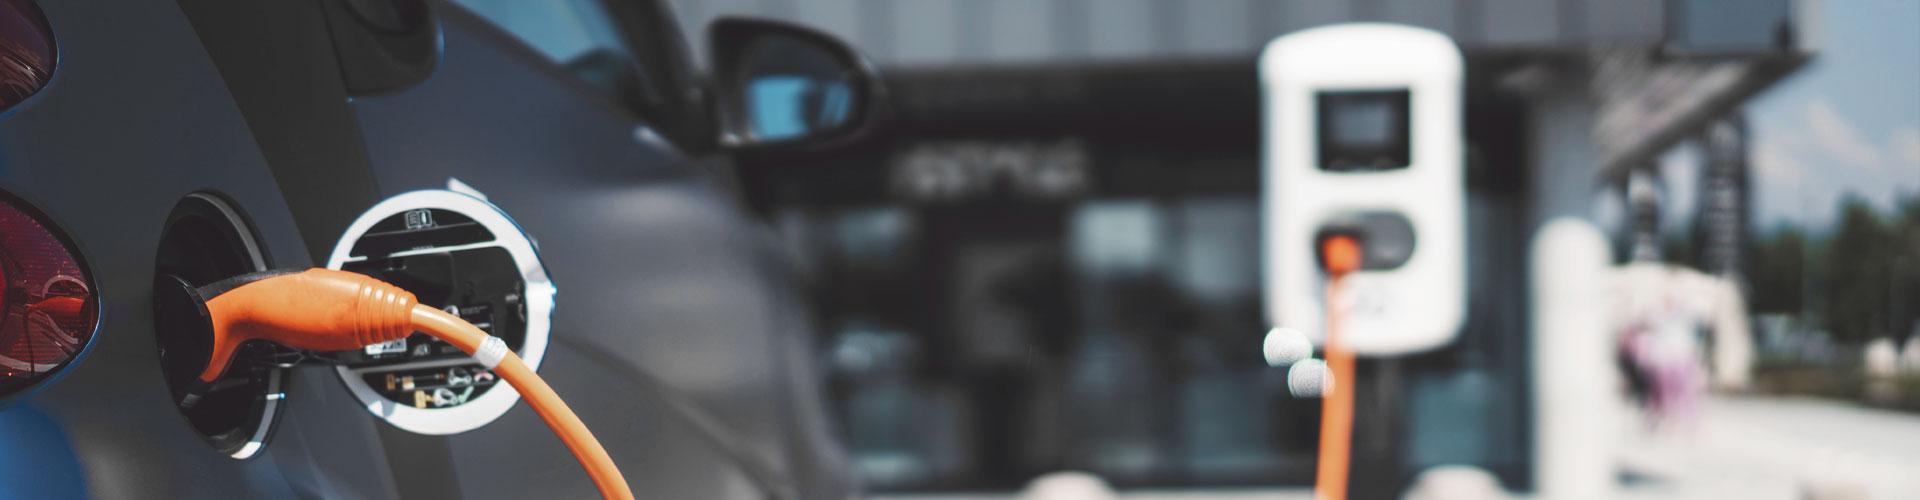 Geschäftliche Elektroautos mit der Wallbox aufladen